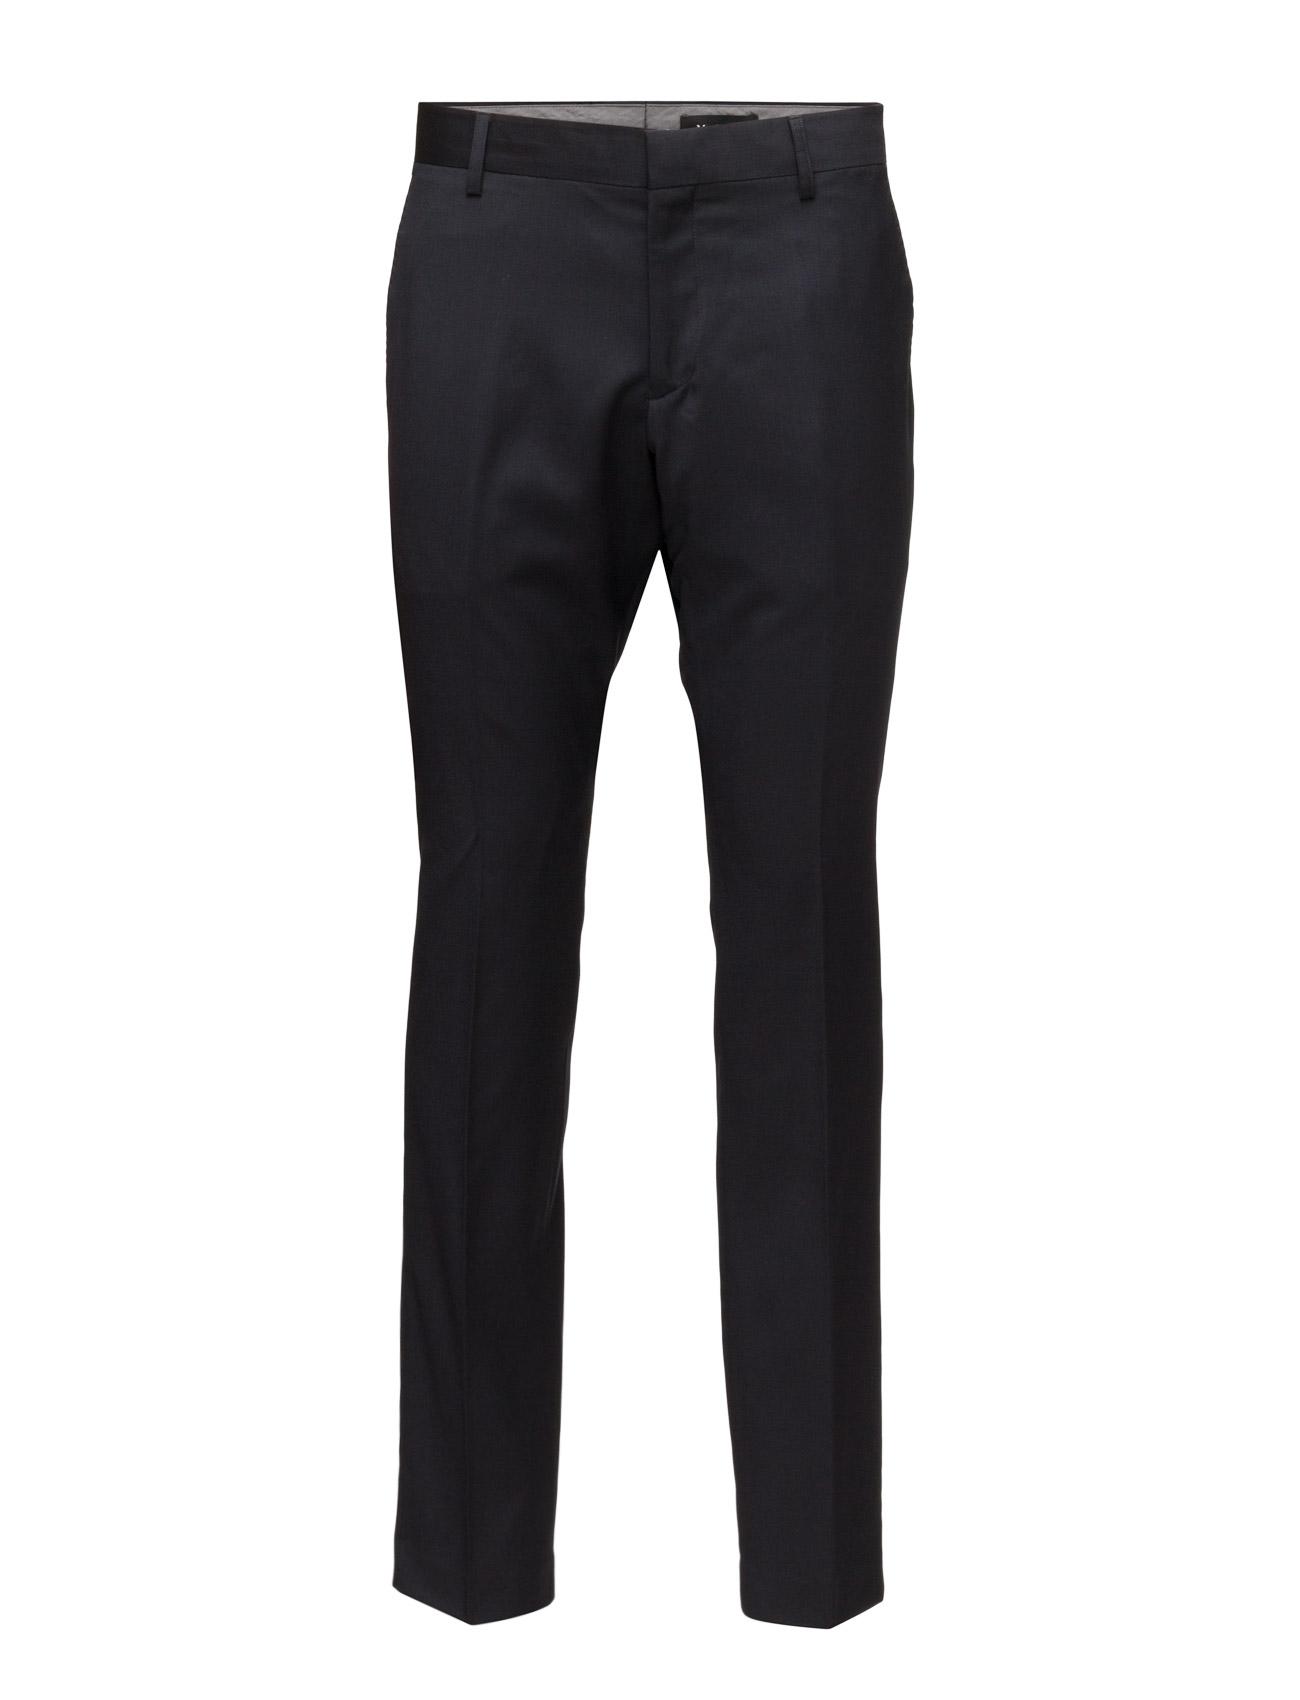 Les Super 120 Wool Matinique Casual sko til Mænd i Mørk grå